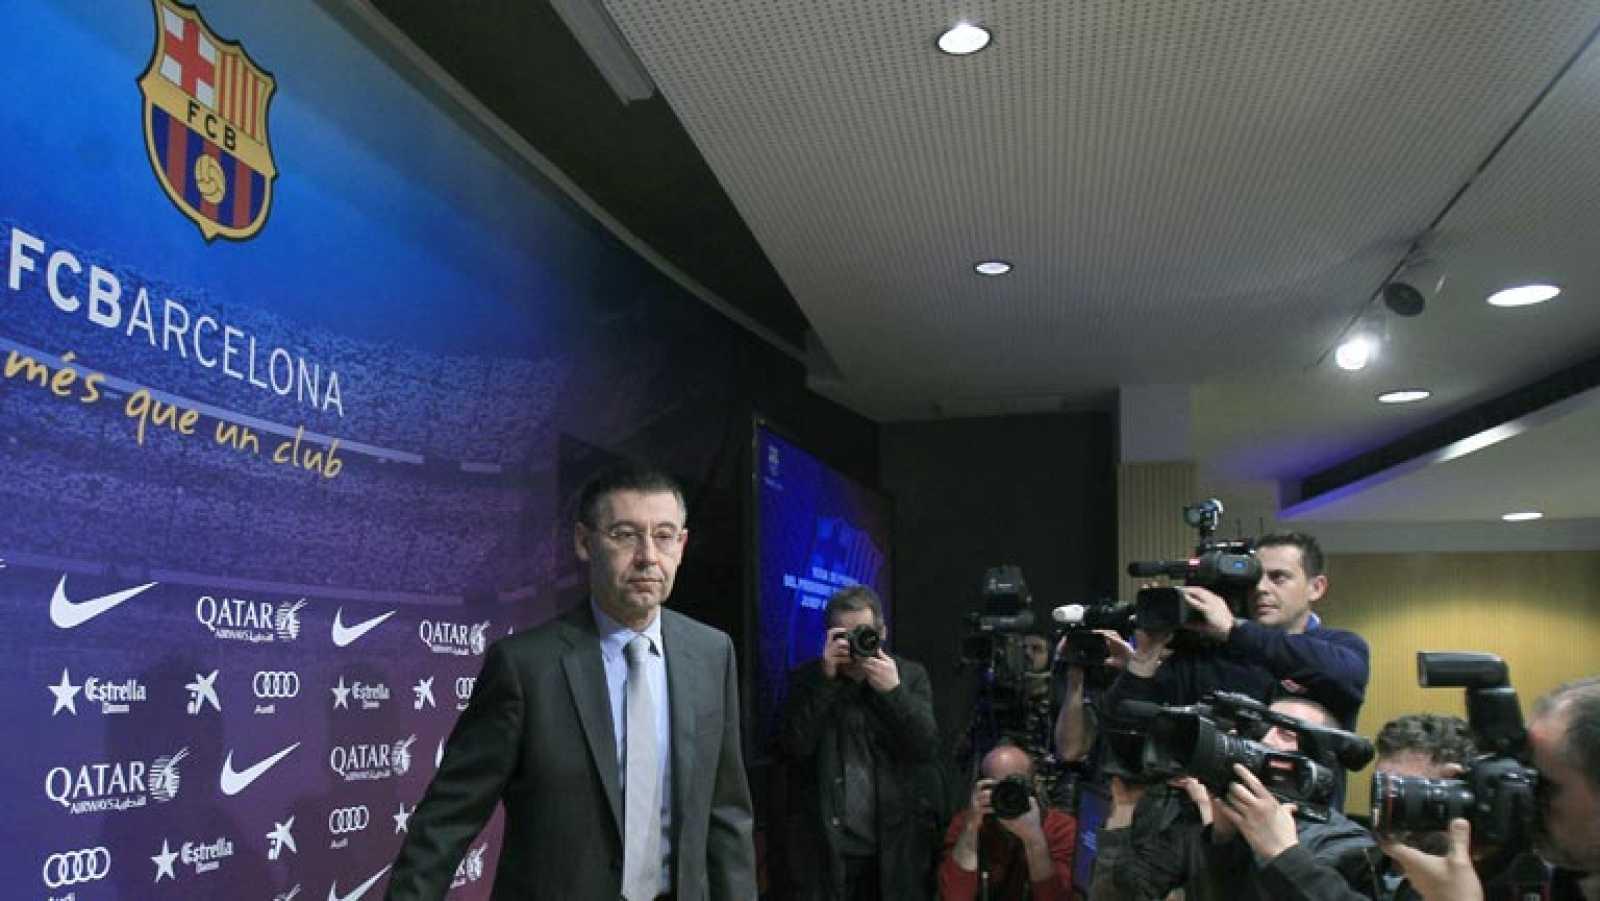 El Barcelona, indignado, recurrirá la sanción de la FIFA